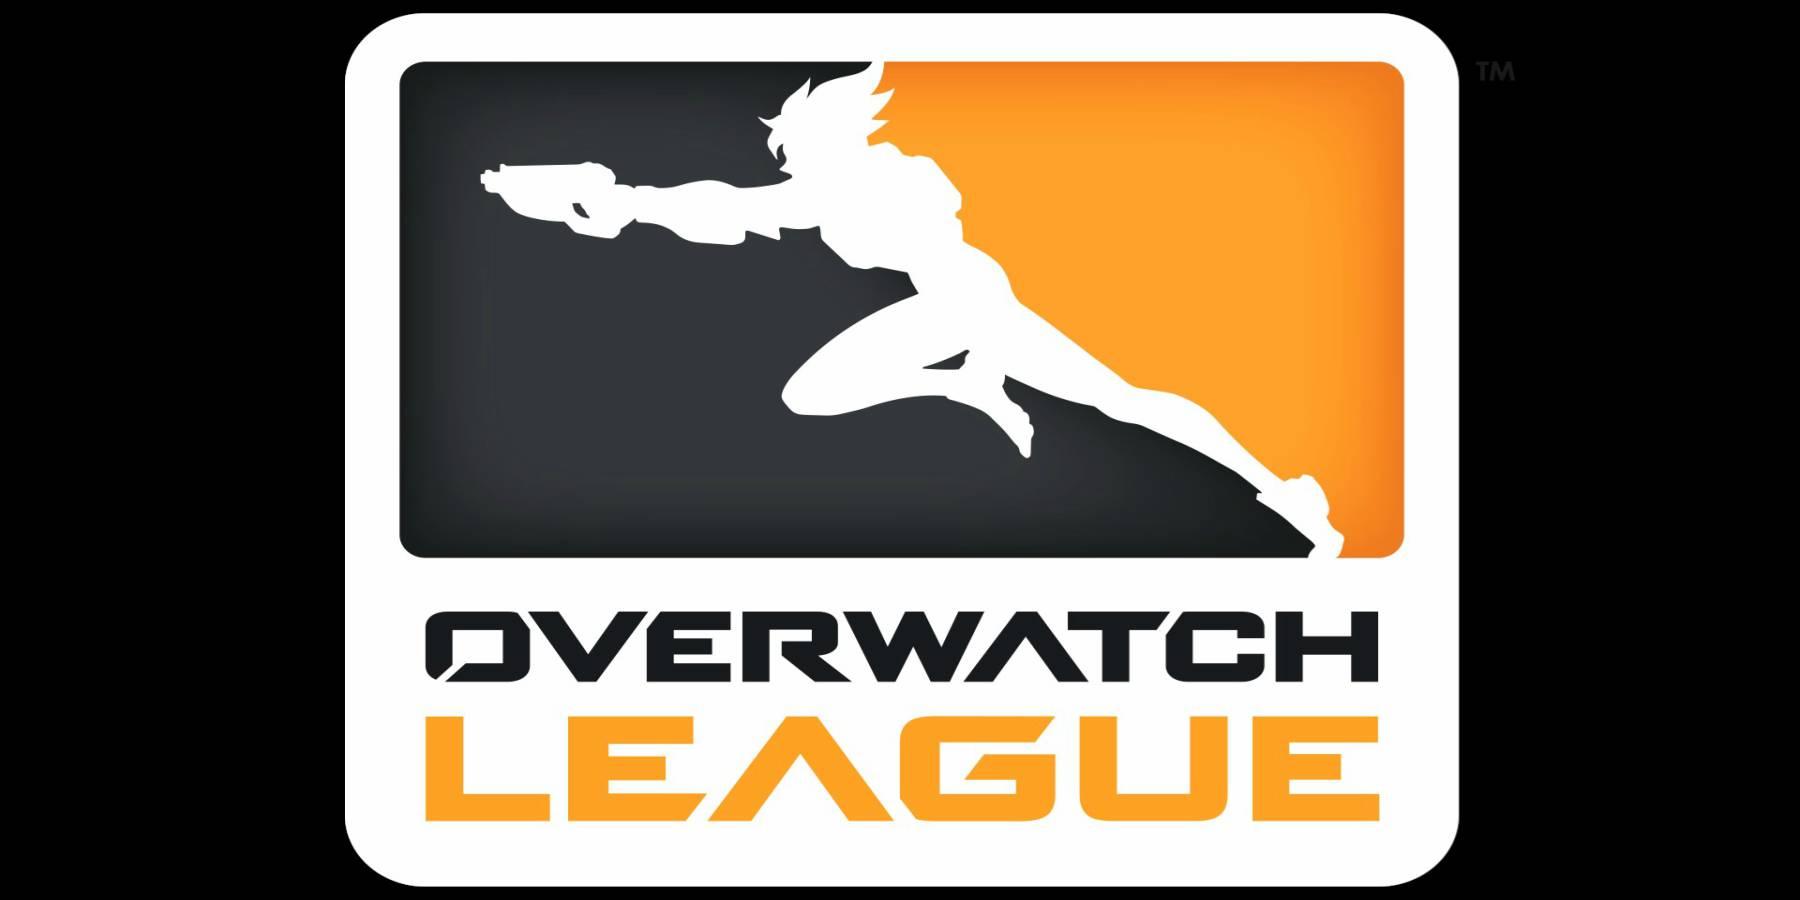 Liga Overwatch se asocia con líderes deportivos tradicionales y de esports para formar equipos que representen a grandes ciudades del mundo